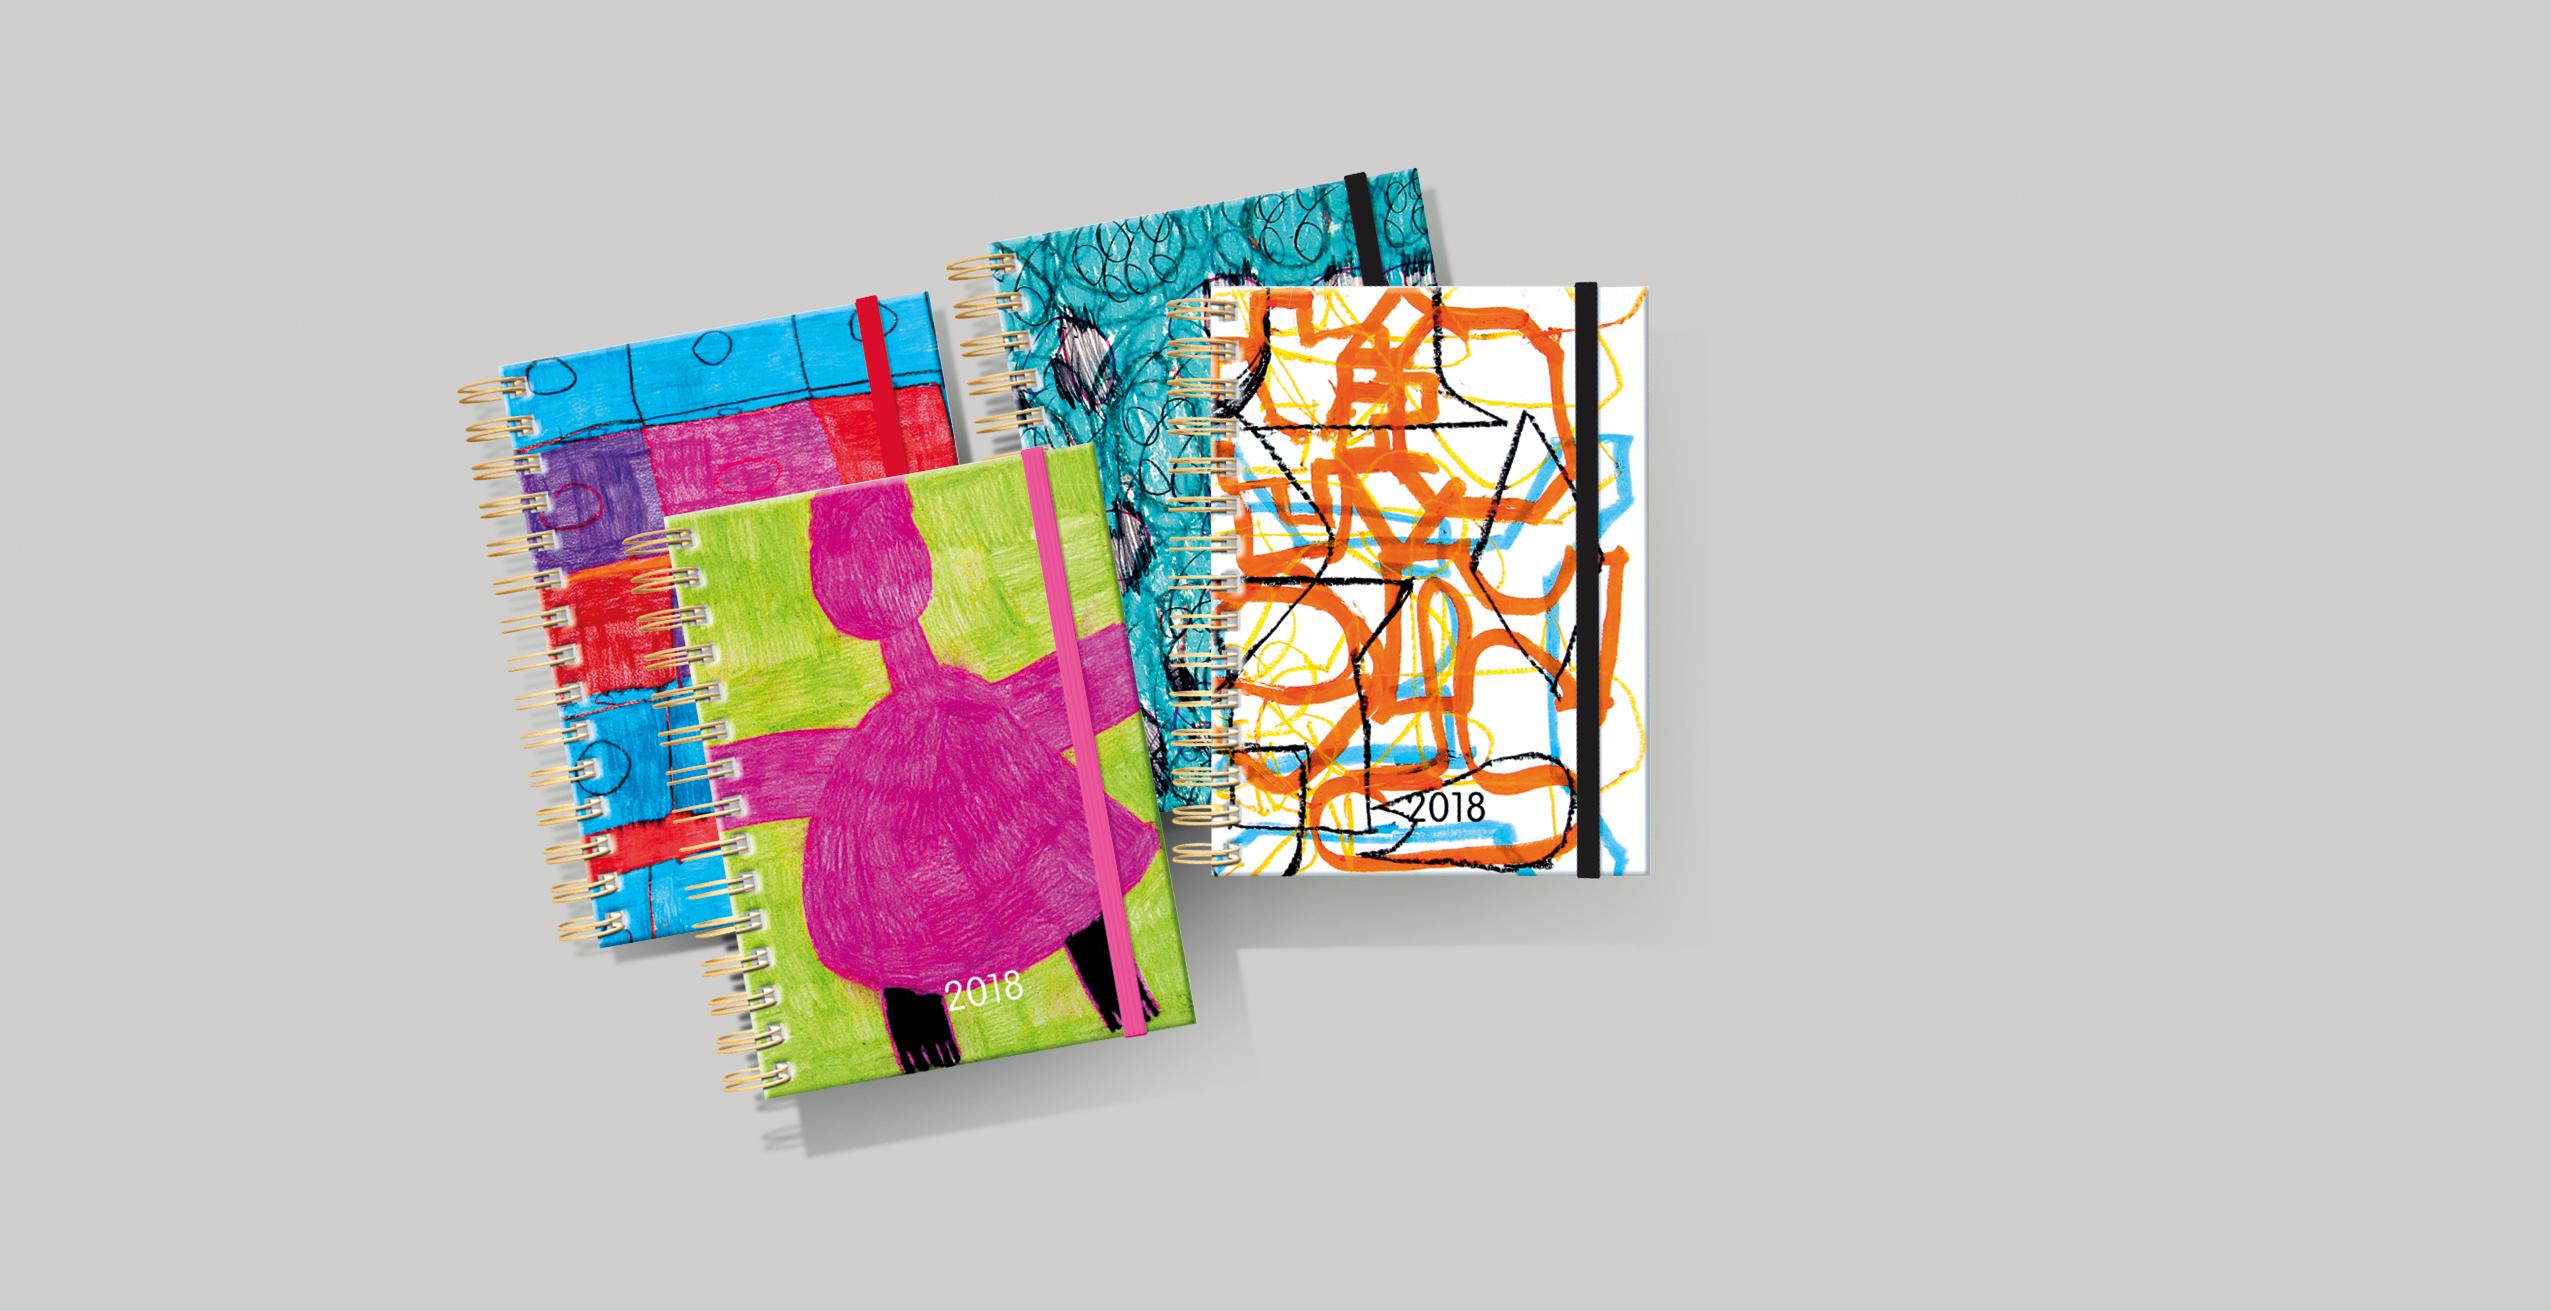 Londont is megjárták az autizmussal élő fiatalok rajzai - Designmárka autizmussal élőktől